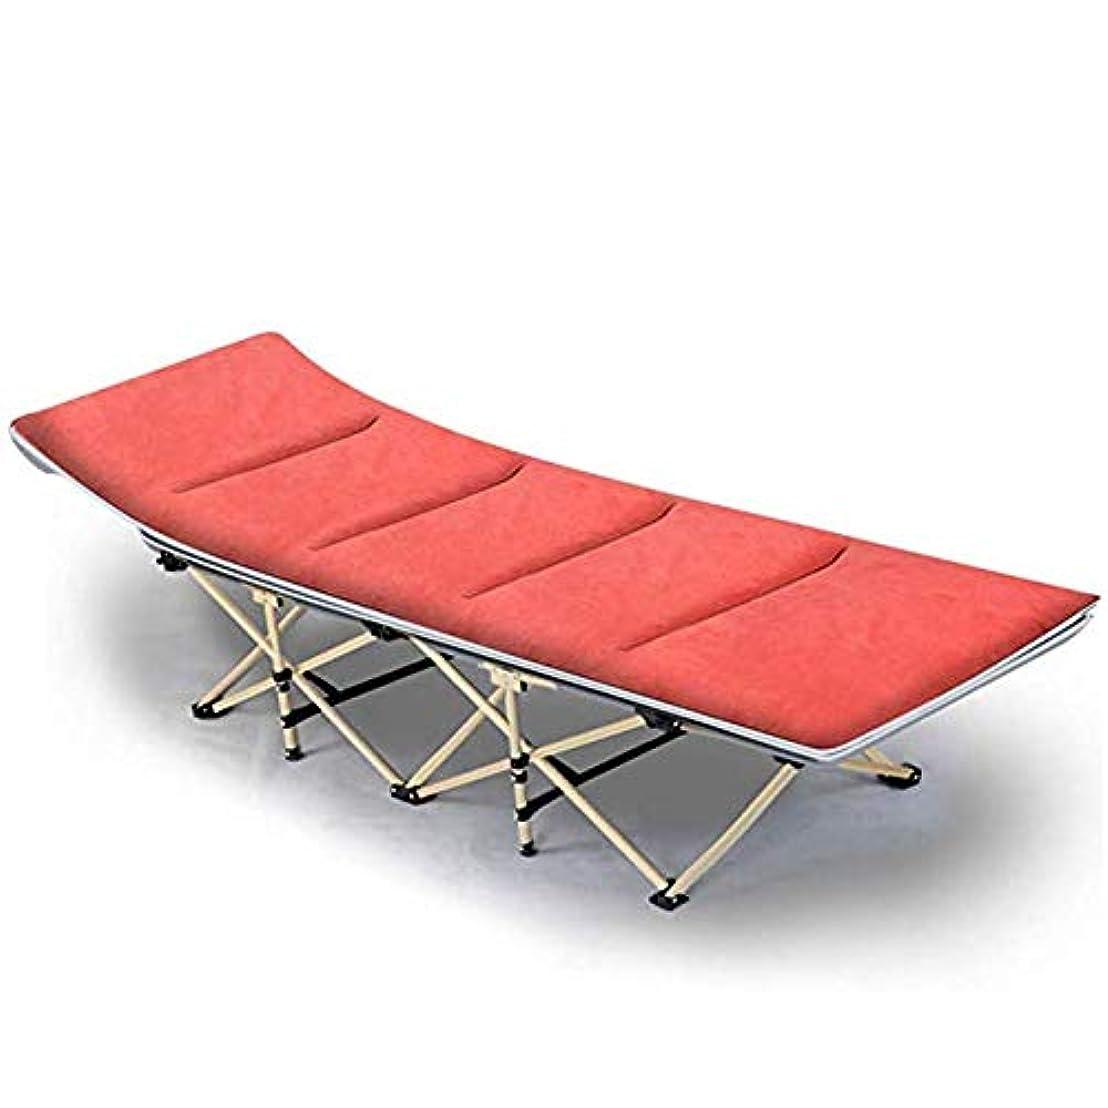 リーン有効深さOeyal 折り畳み式 キャンプベッド ハイキング アウトドア ポータブル ミリタリー キャンプ コット 収納バッグ付き